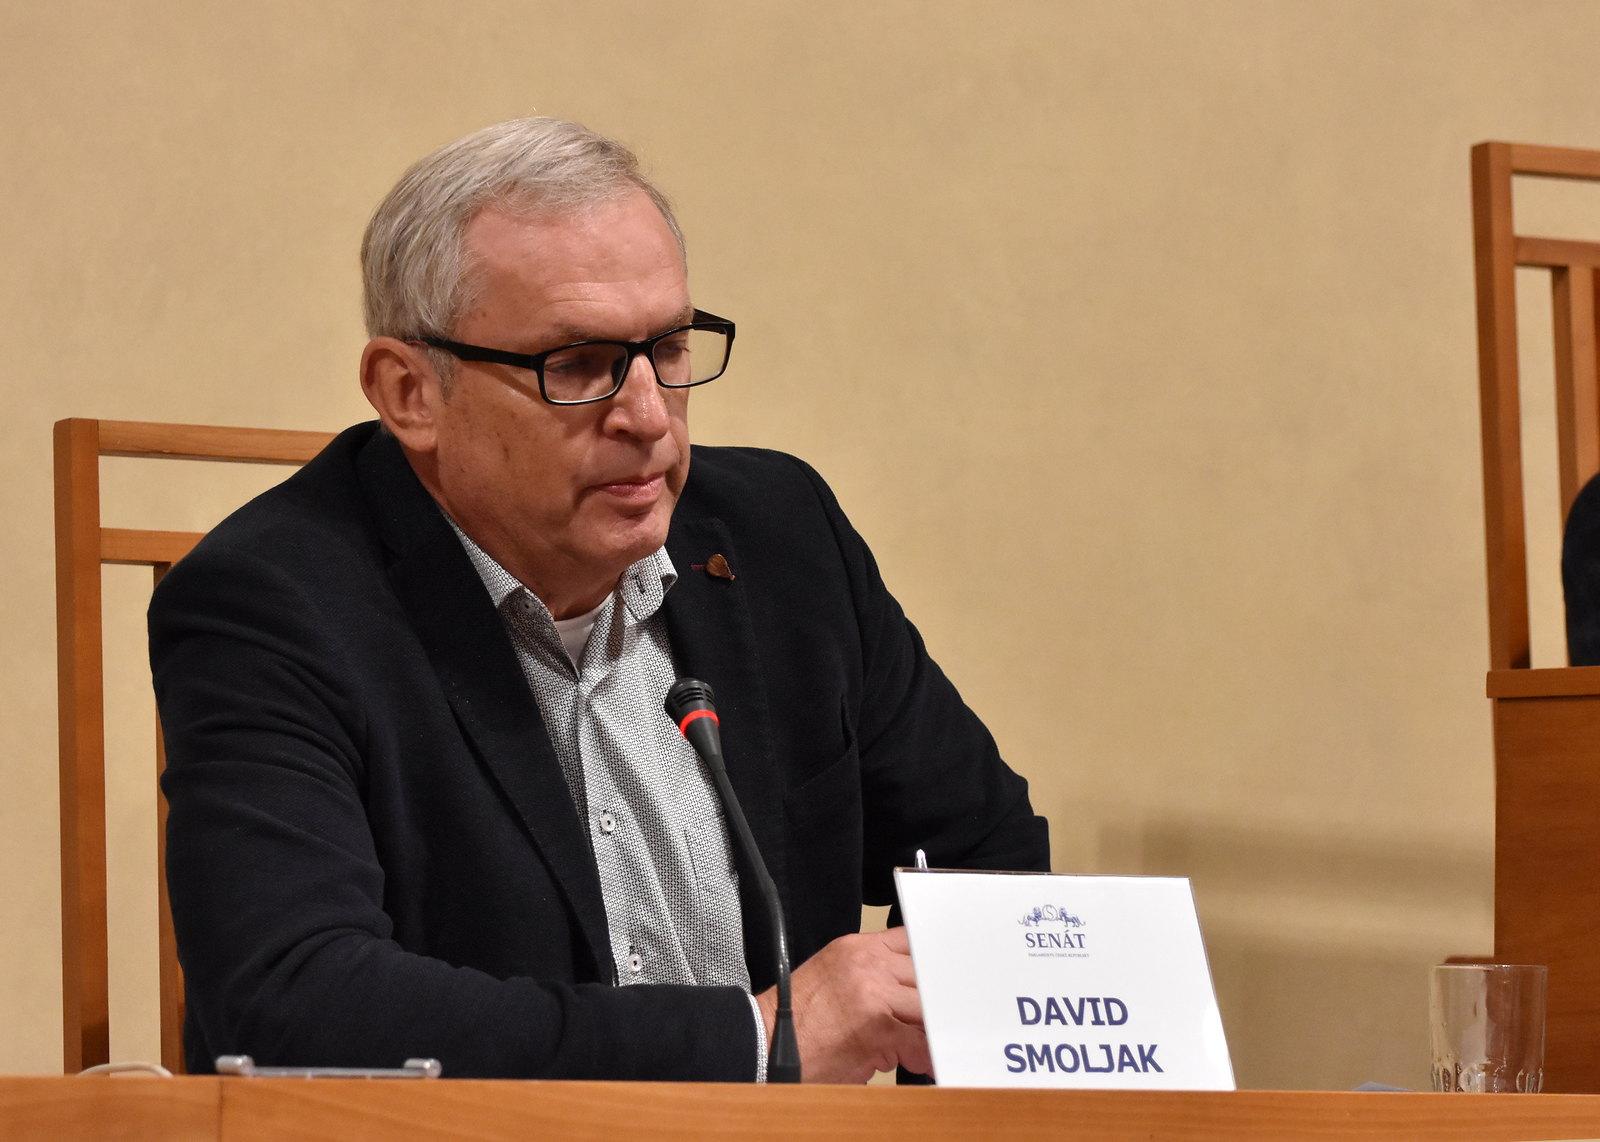 David Smoljak (flickr.com)